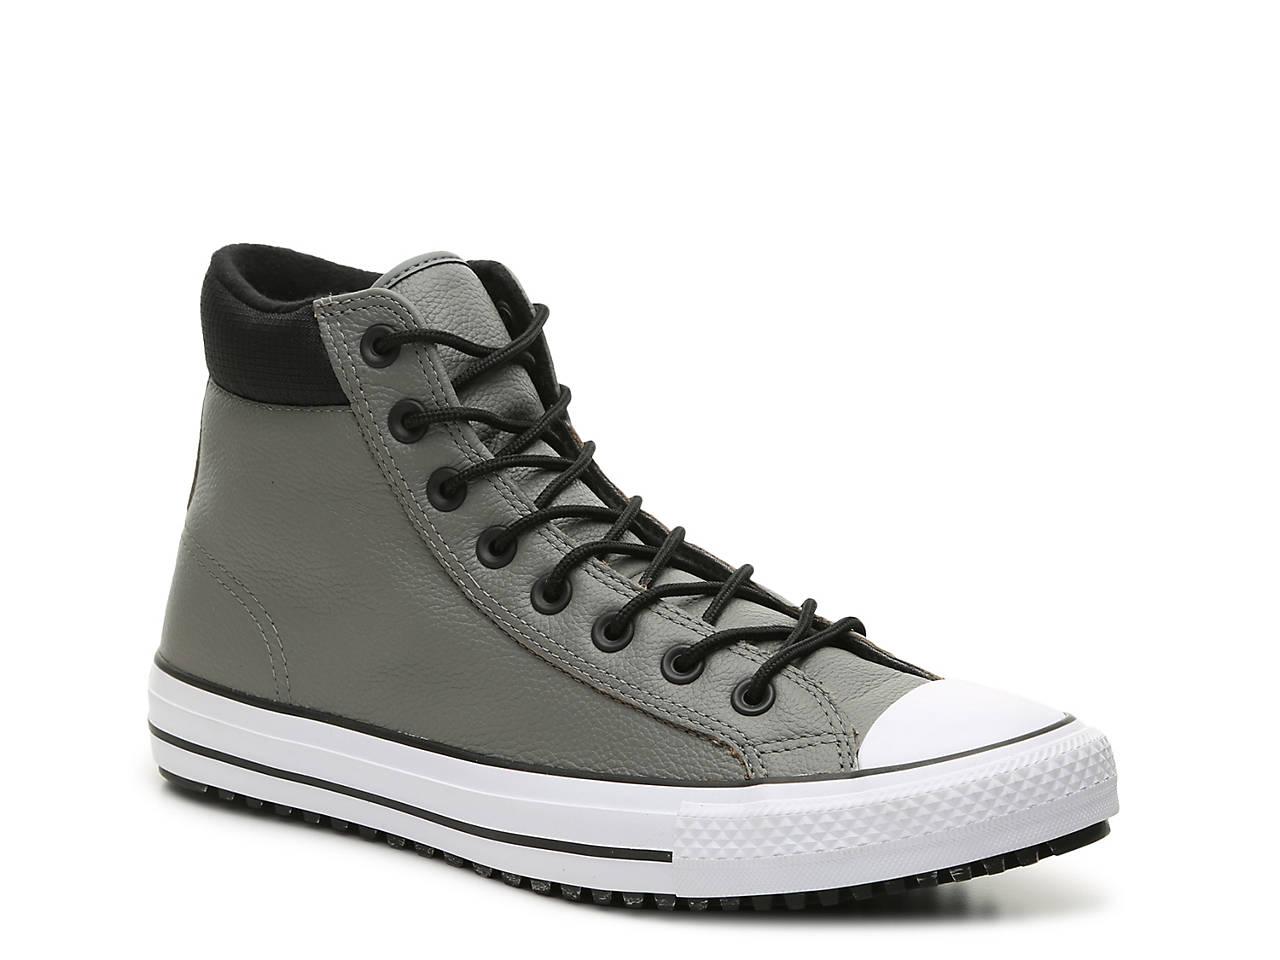 b0d8f908ba1c Converse Chuck Taylor All Star Hi High-Top Sneaker - Men s Men s ...